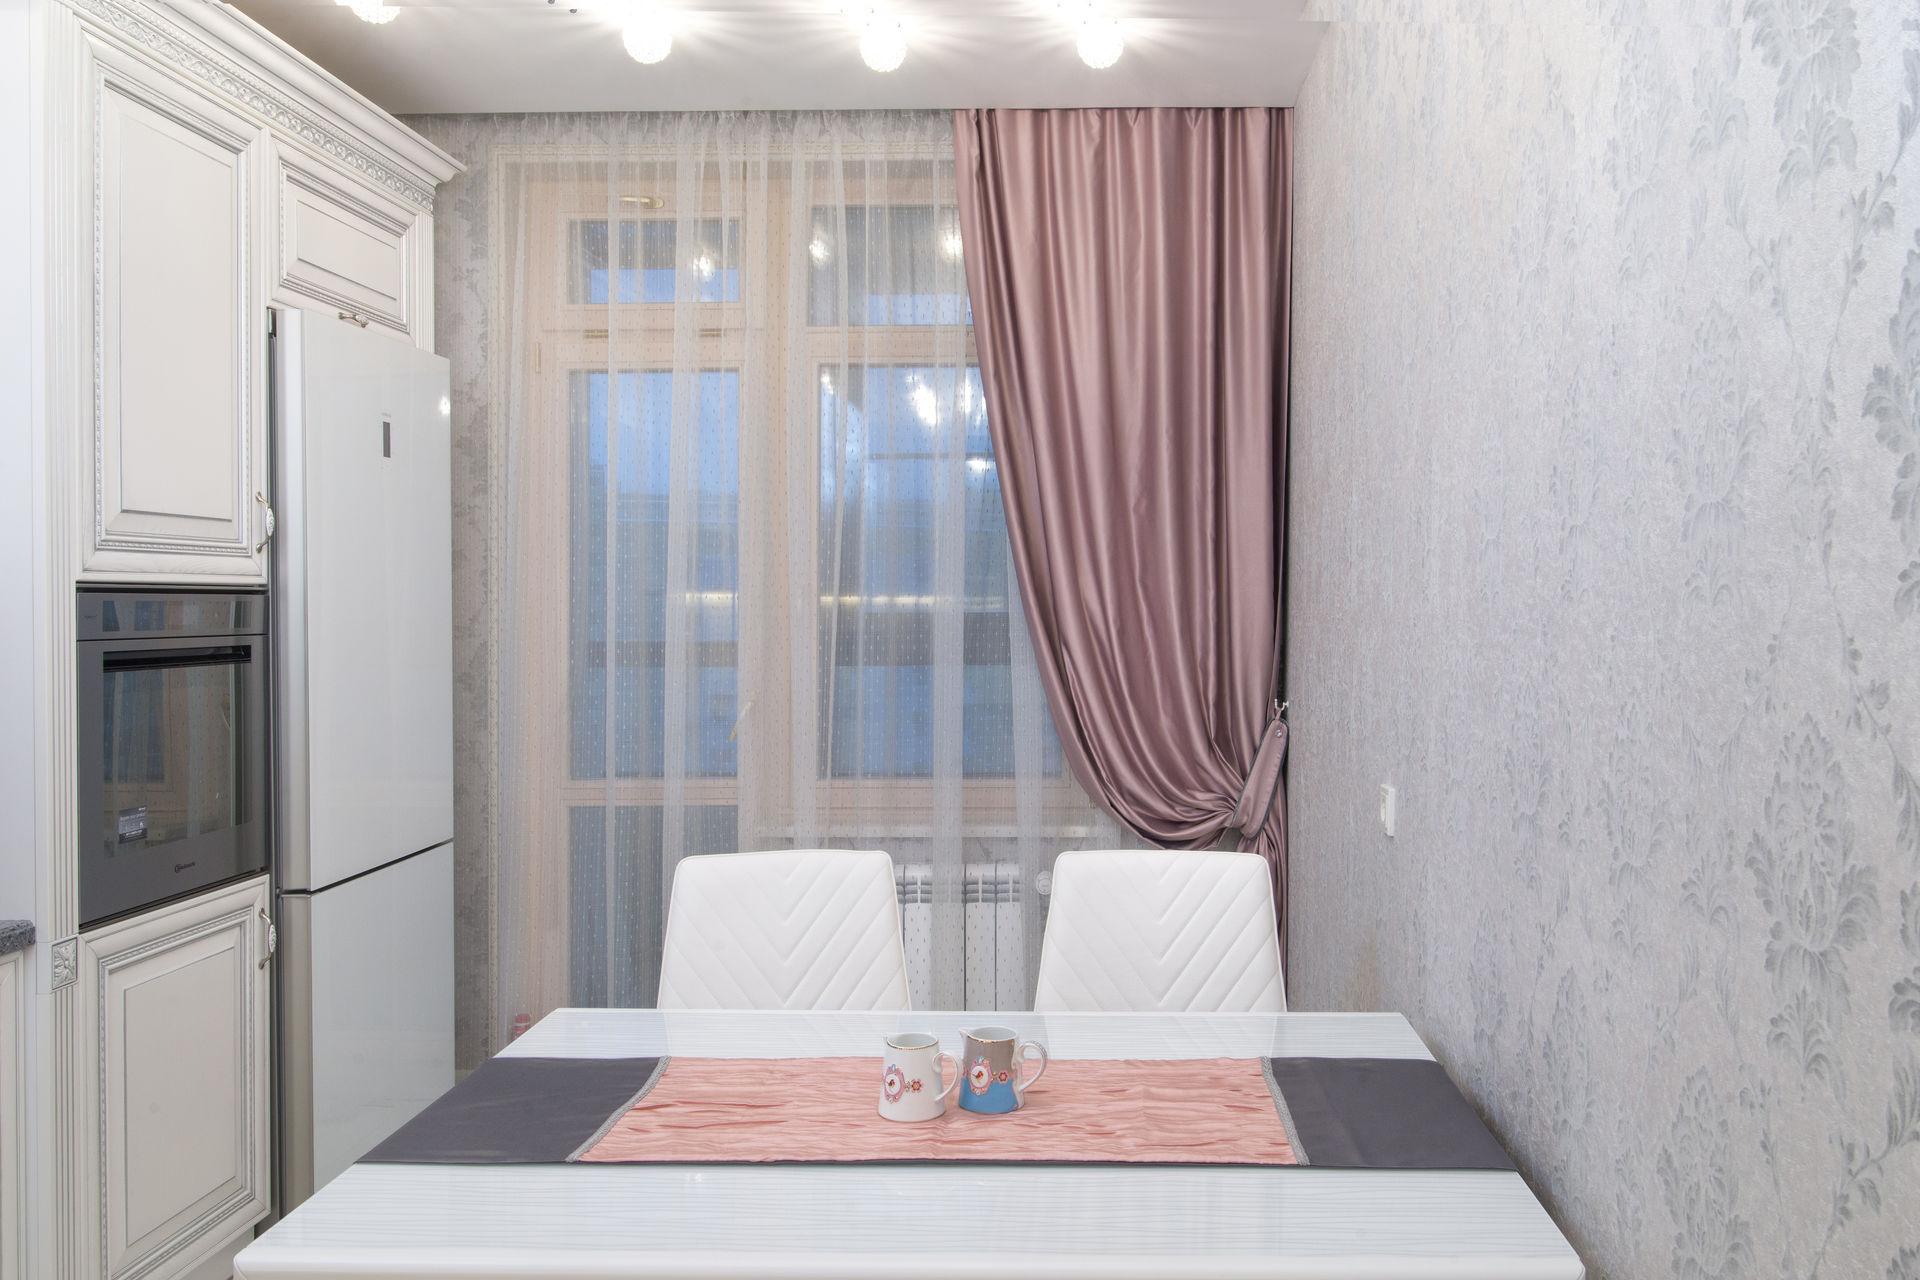 шторы на одну сторону окна дизайн фото